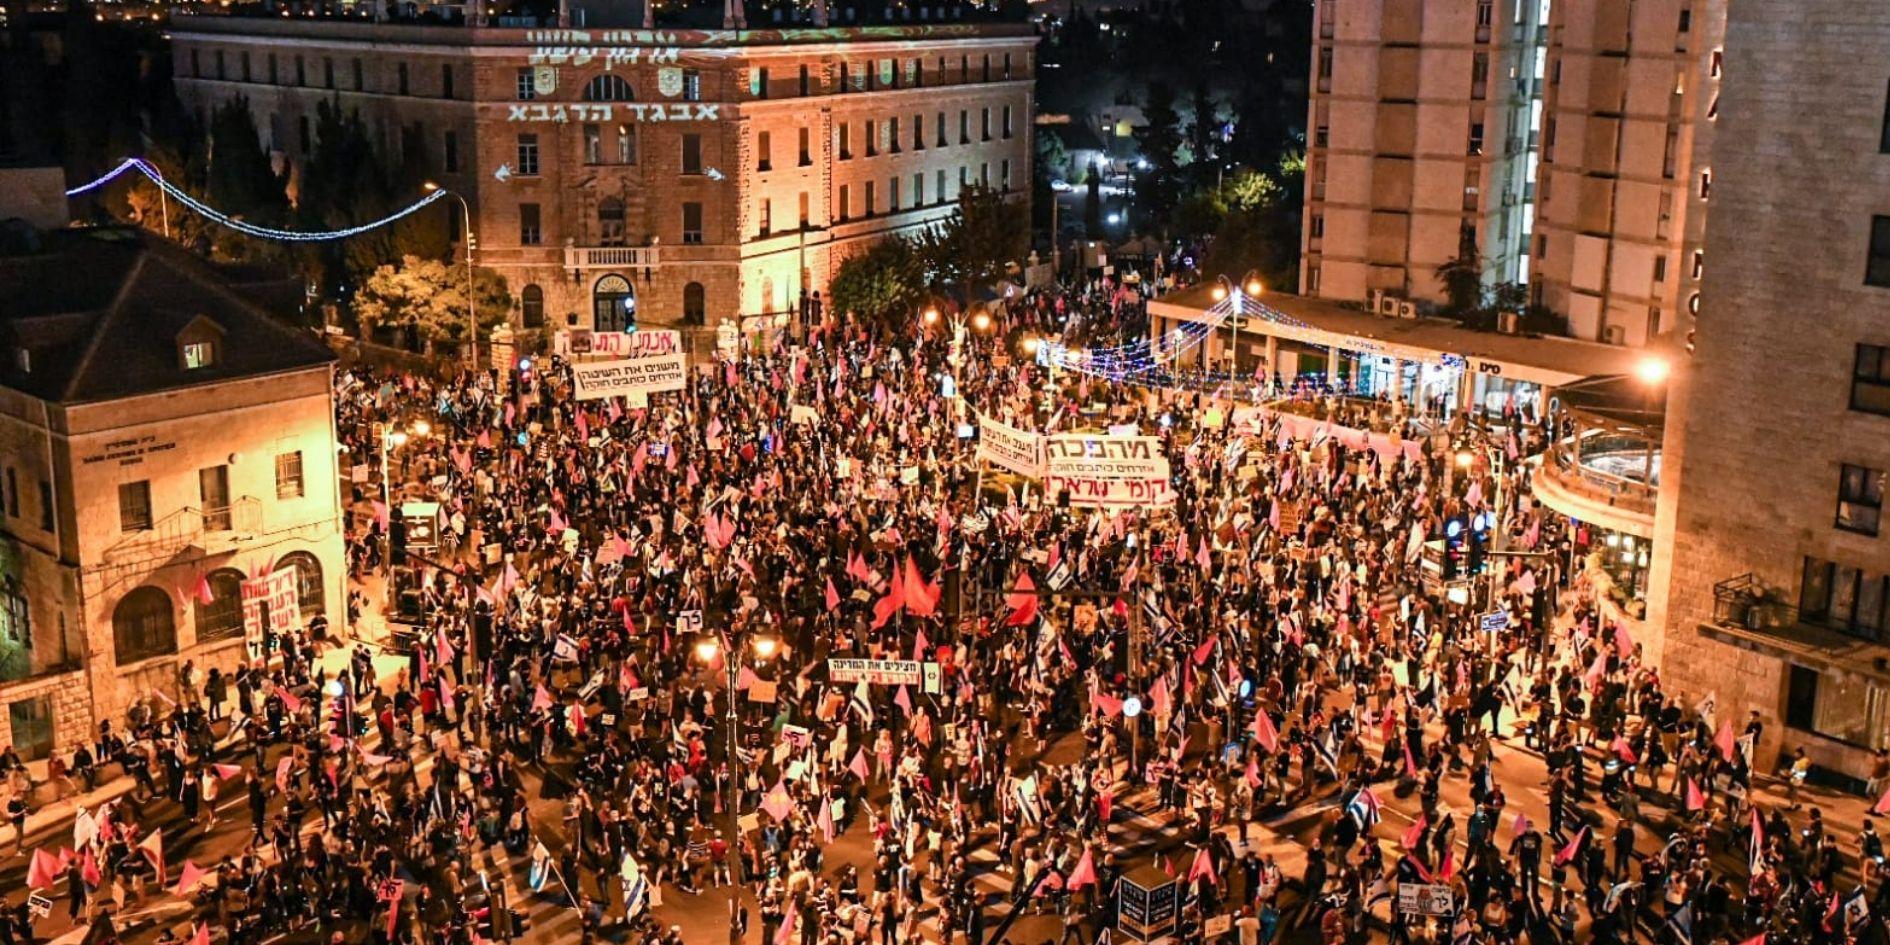 מחאה בבלפור, אוקטובר 2020 | צילום: בן כהן